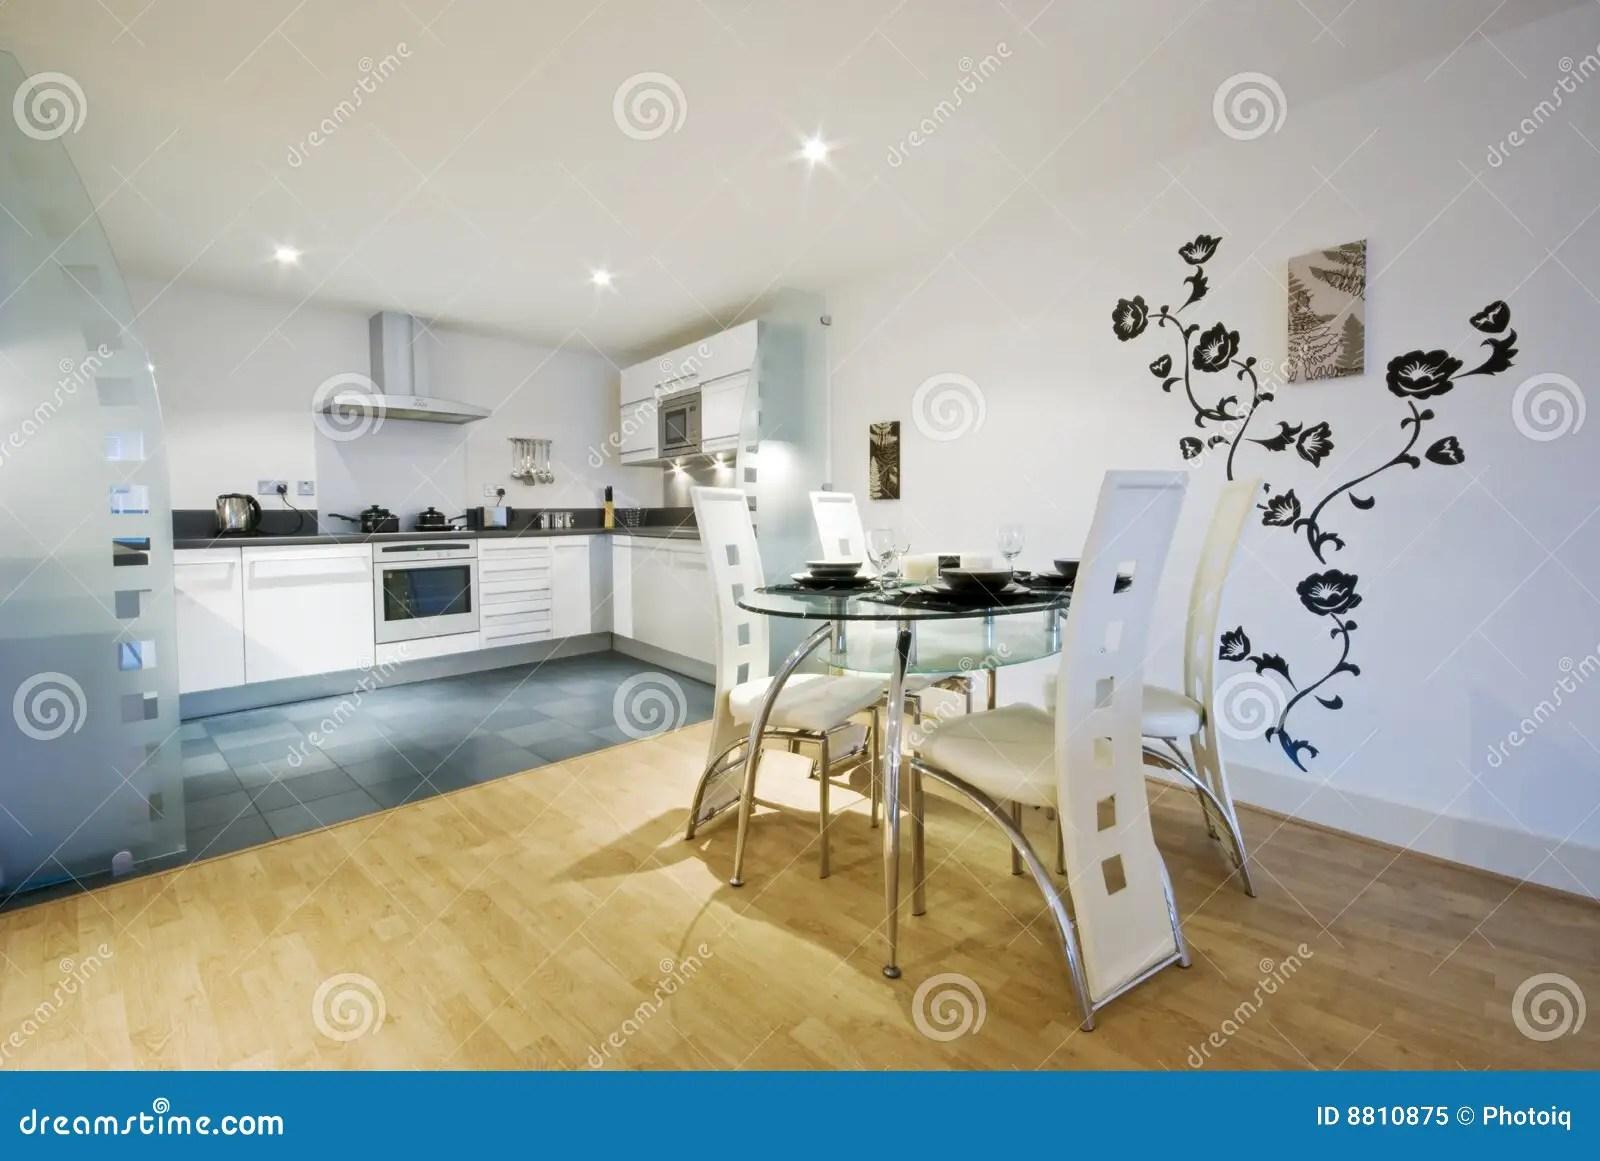 Cucina E Sala Da Pranzo Del Progettista Immagine Stock  Immagine 8810875